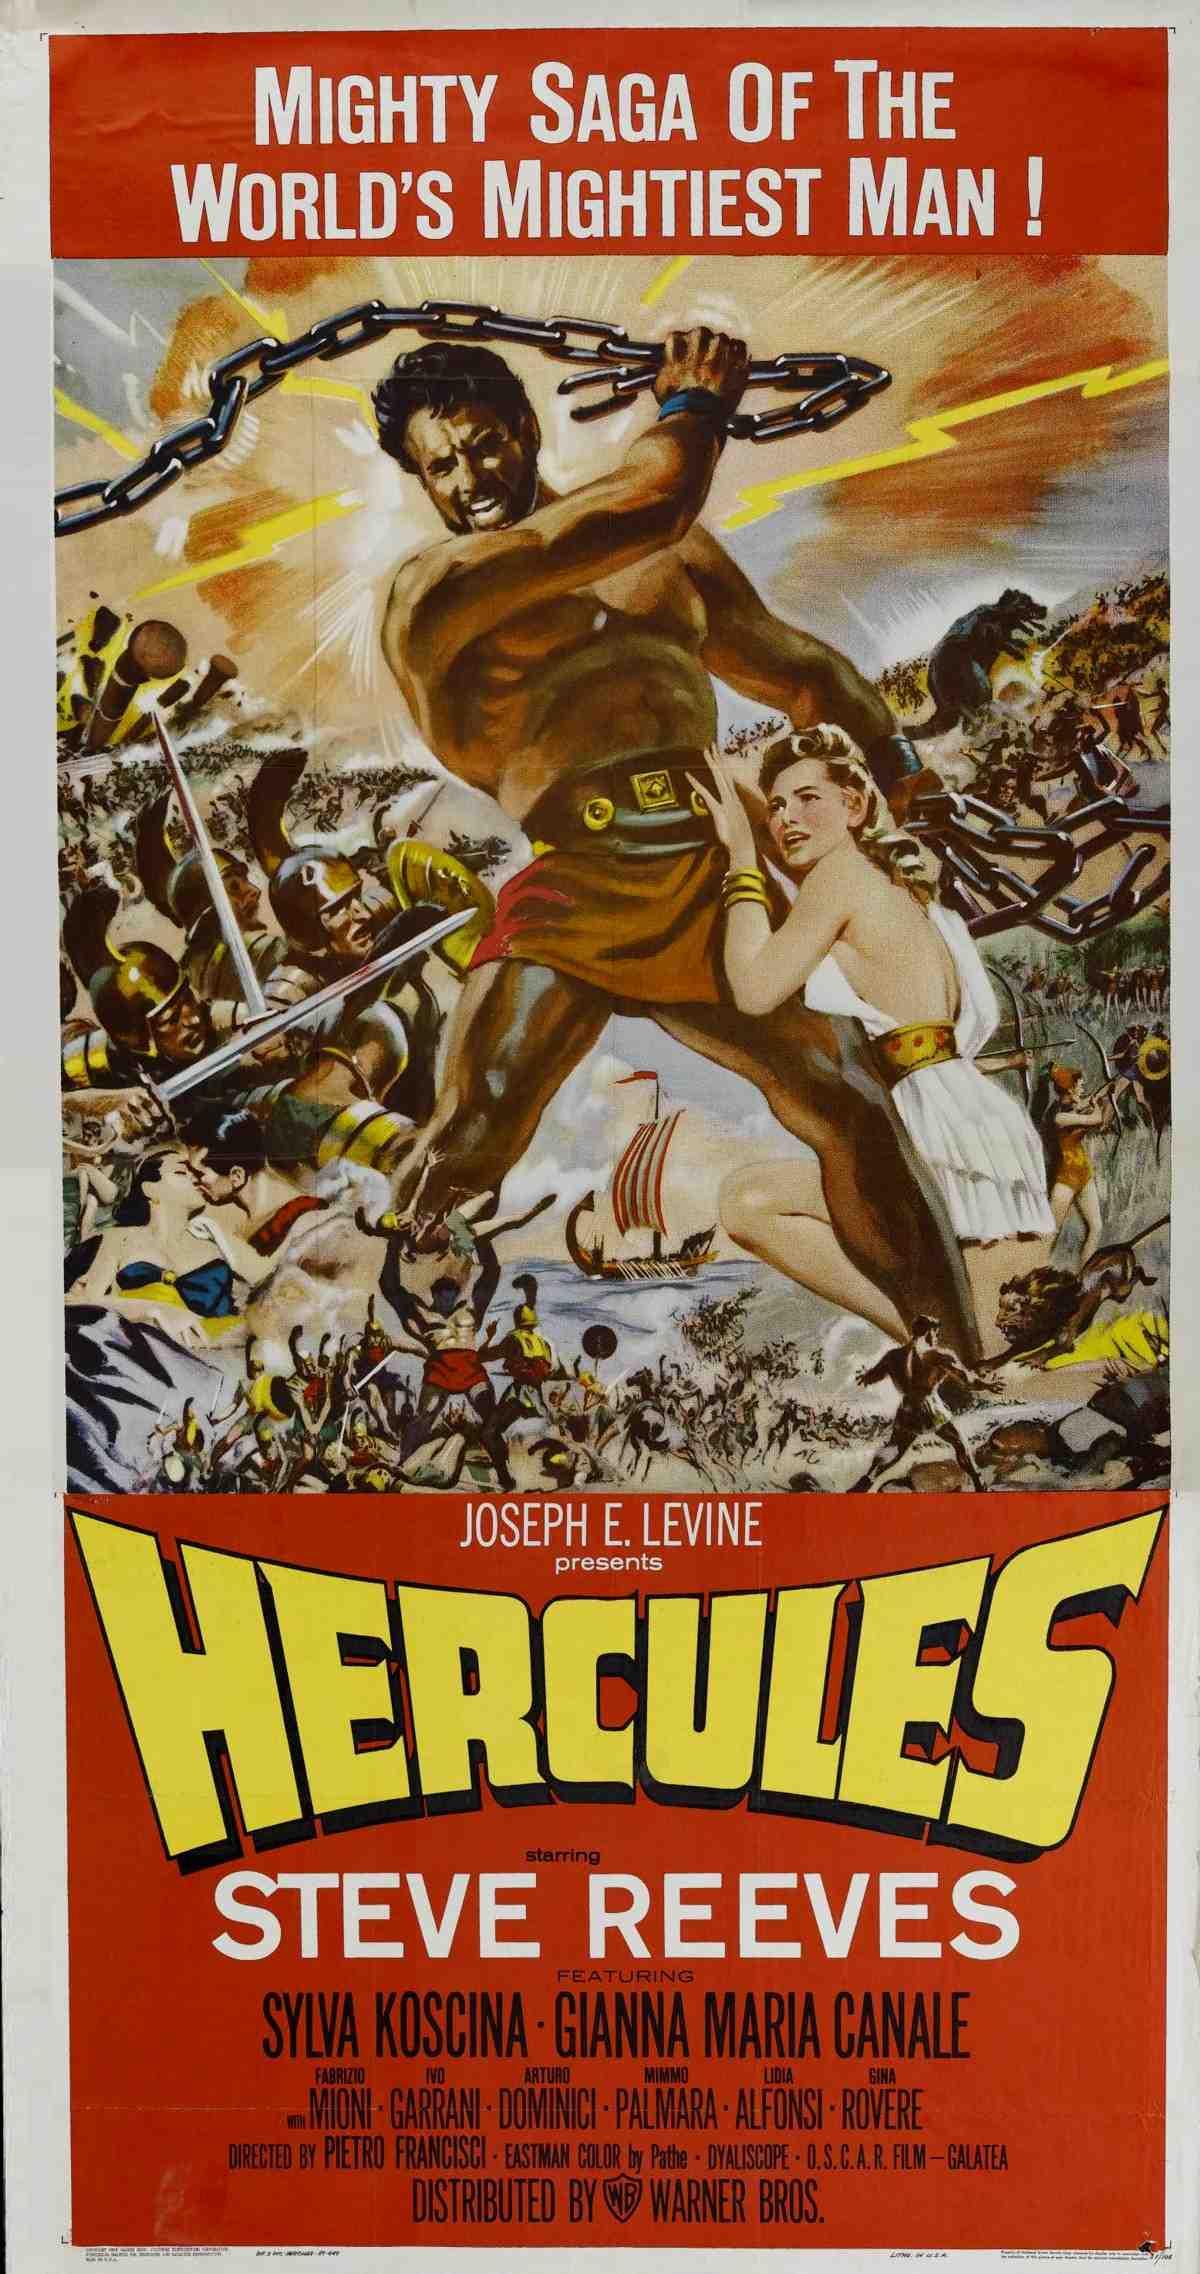 Hercules (1958)